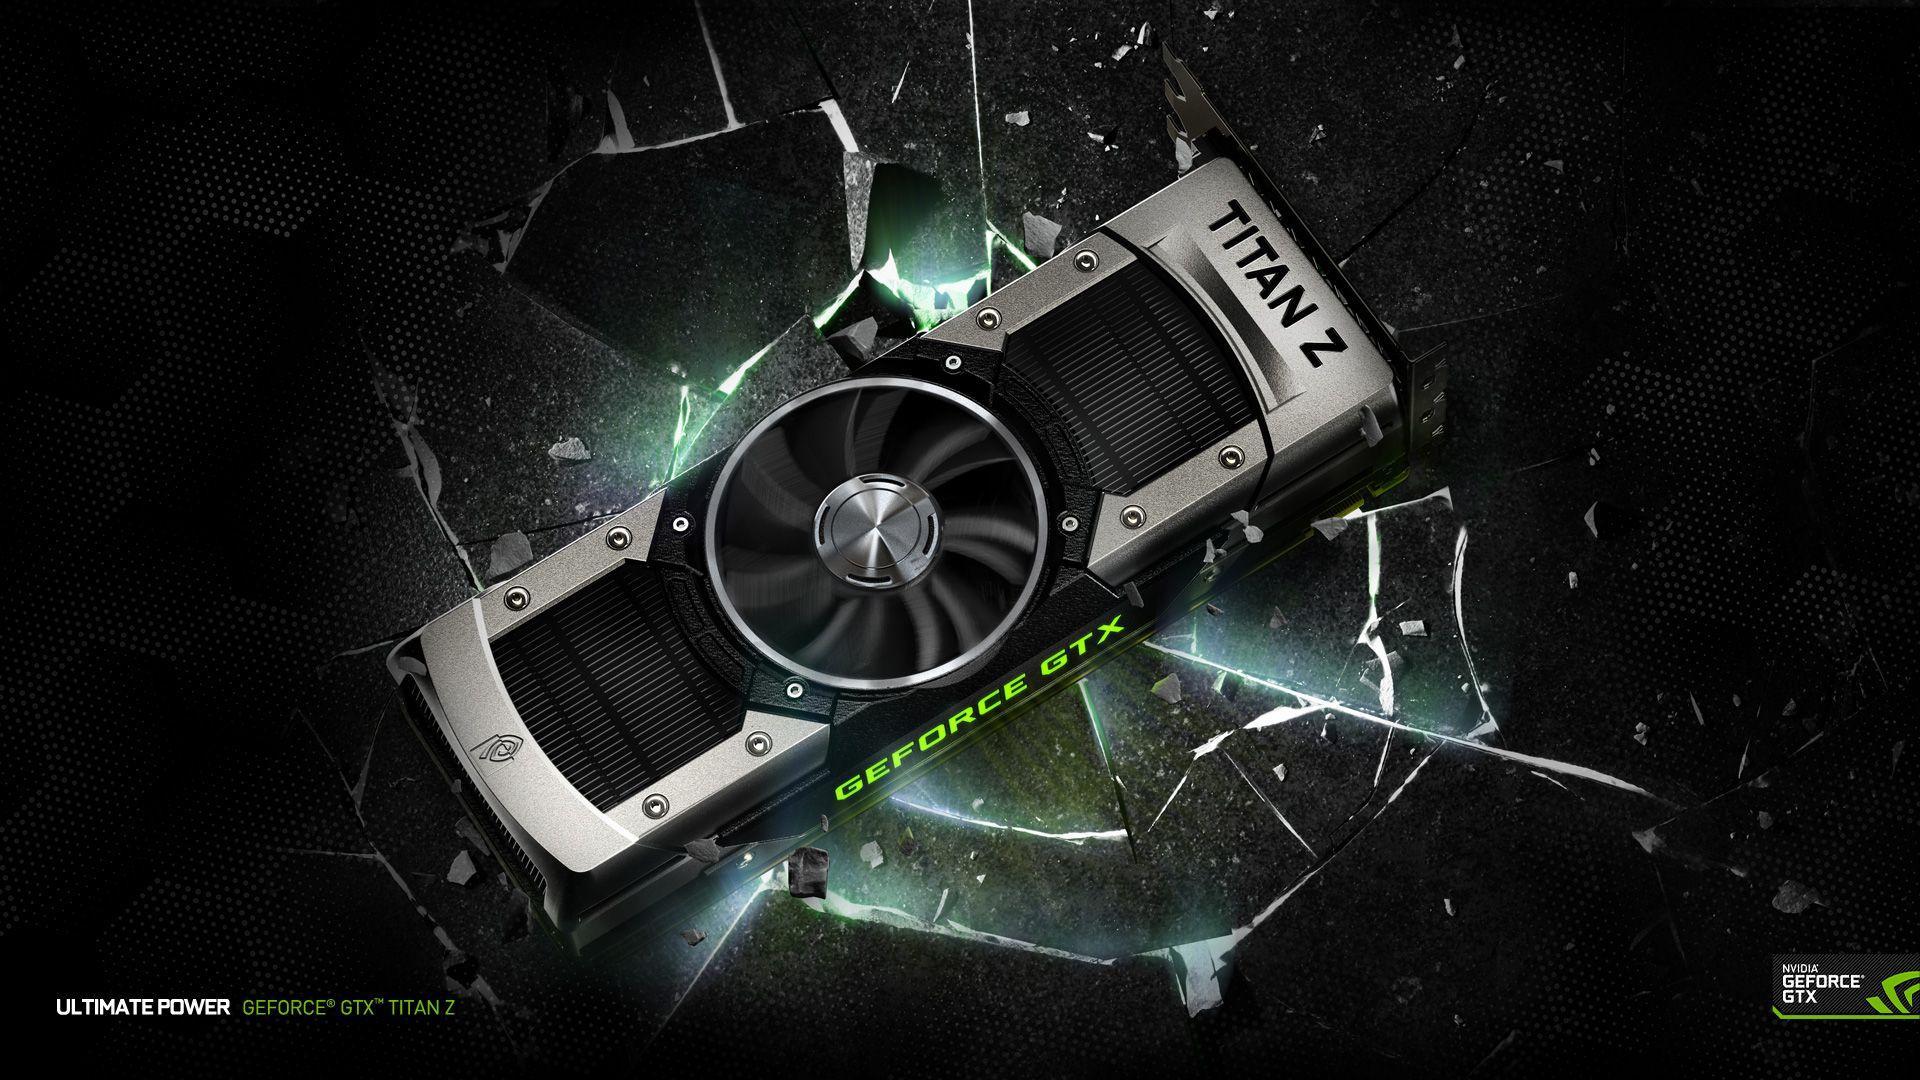 Download GeForce GTX TITAN Z Wallpapers